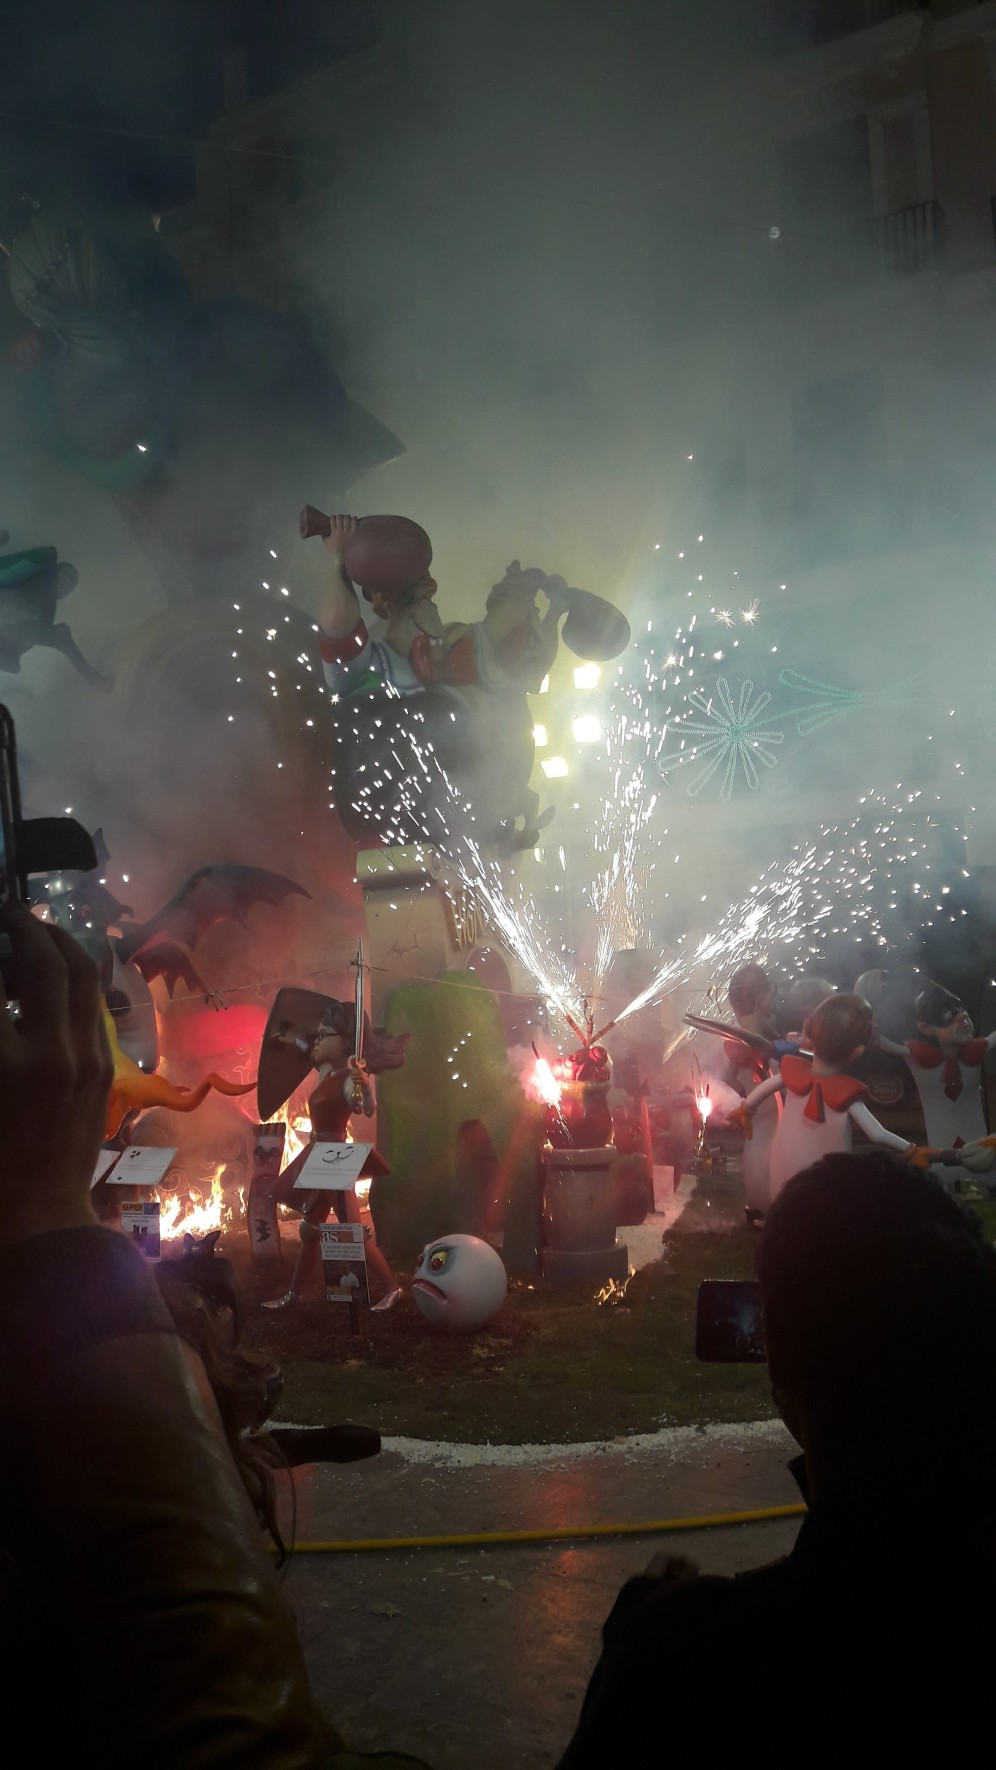 The fireworks start